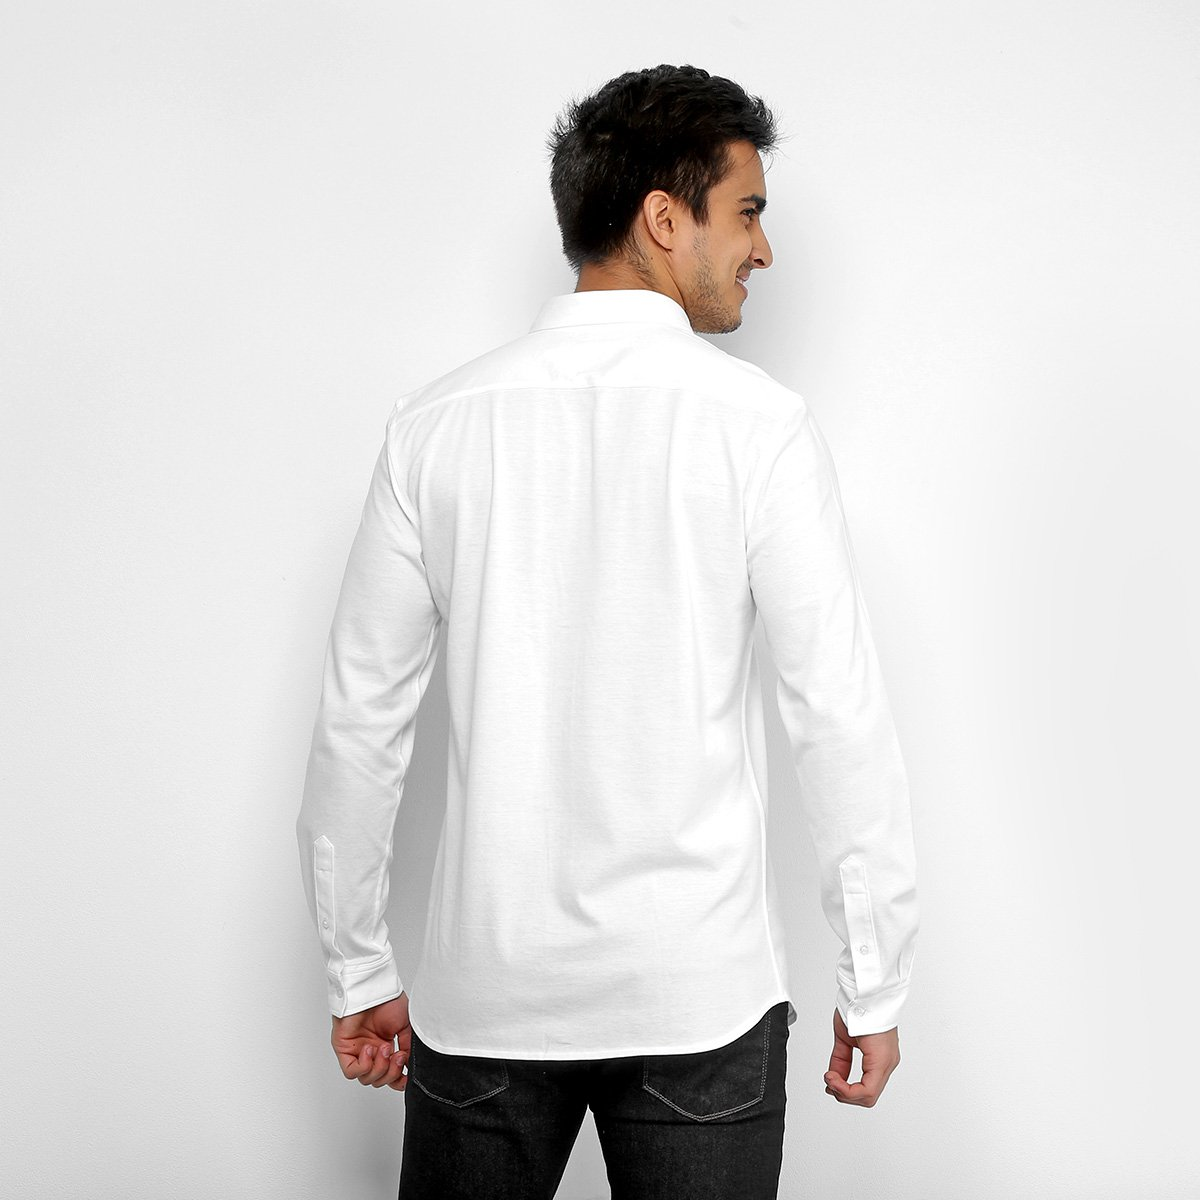 Camisa Social Lacoste Clássica Manga Longa Masculina - Compre Agora ... 56d81ccca0